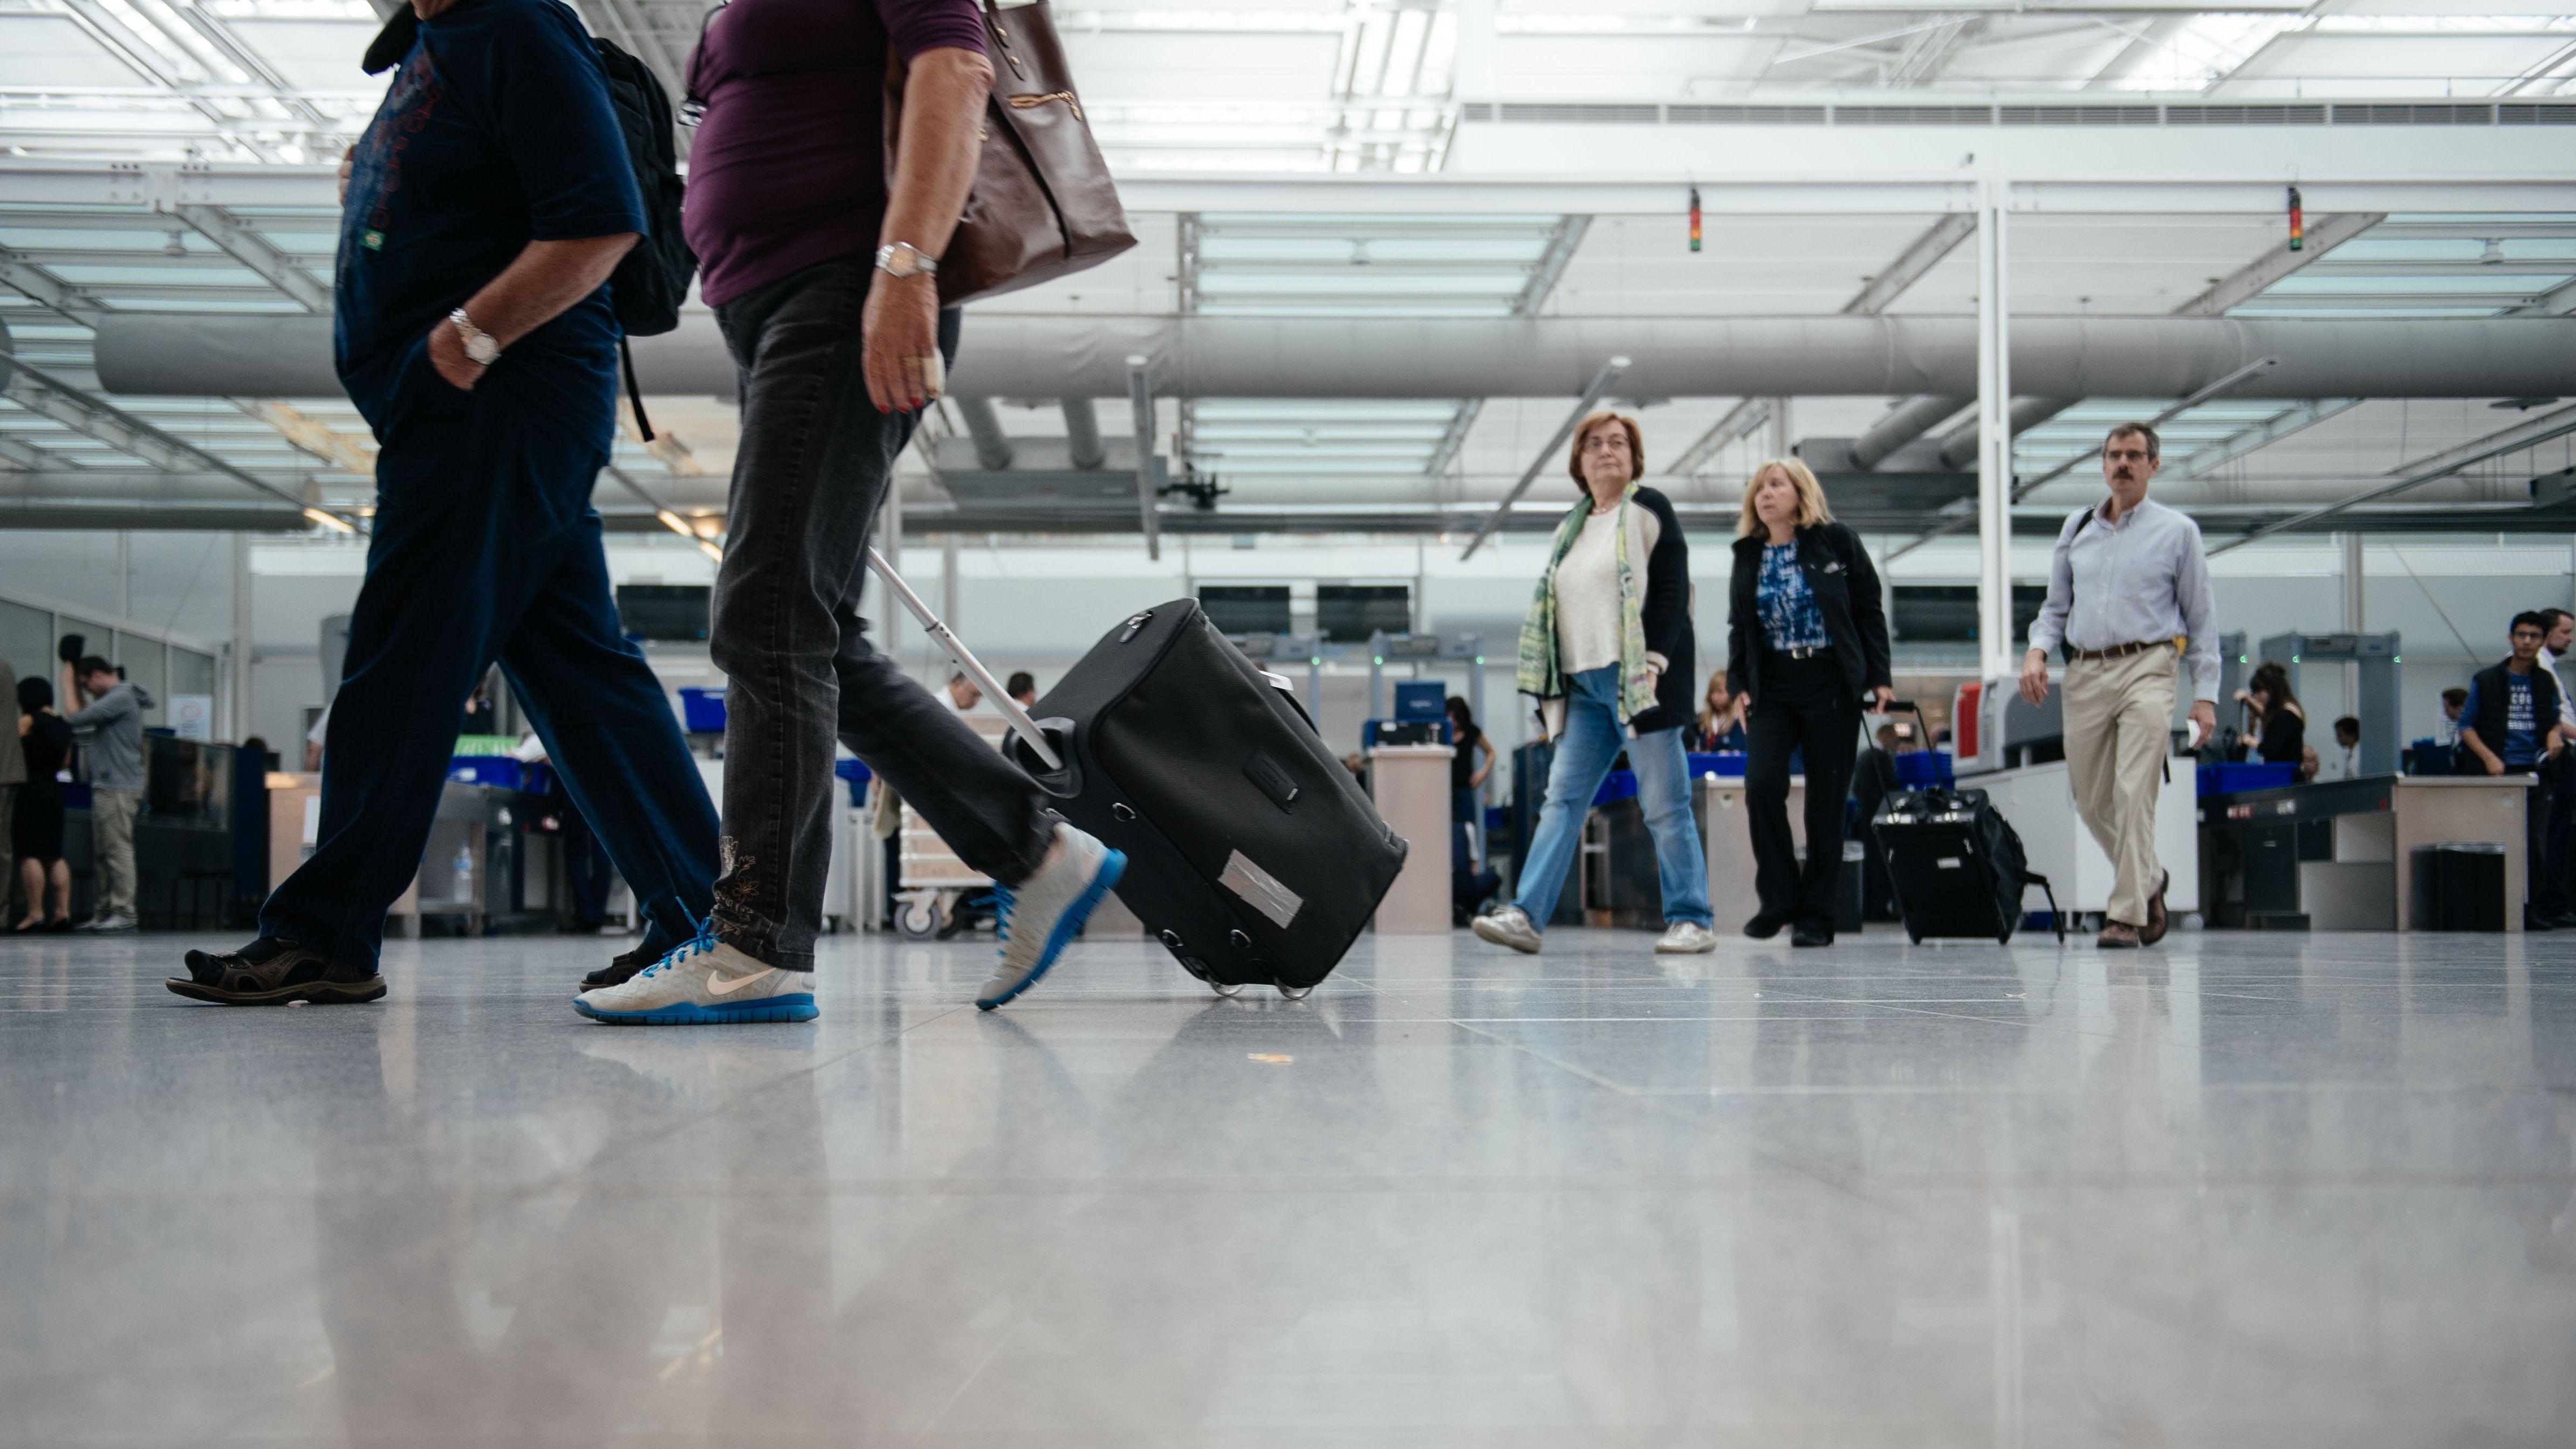 Passagiere am Flughafen München (Archivbild).